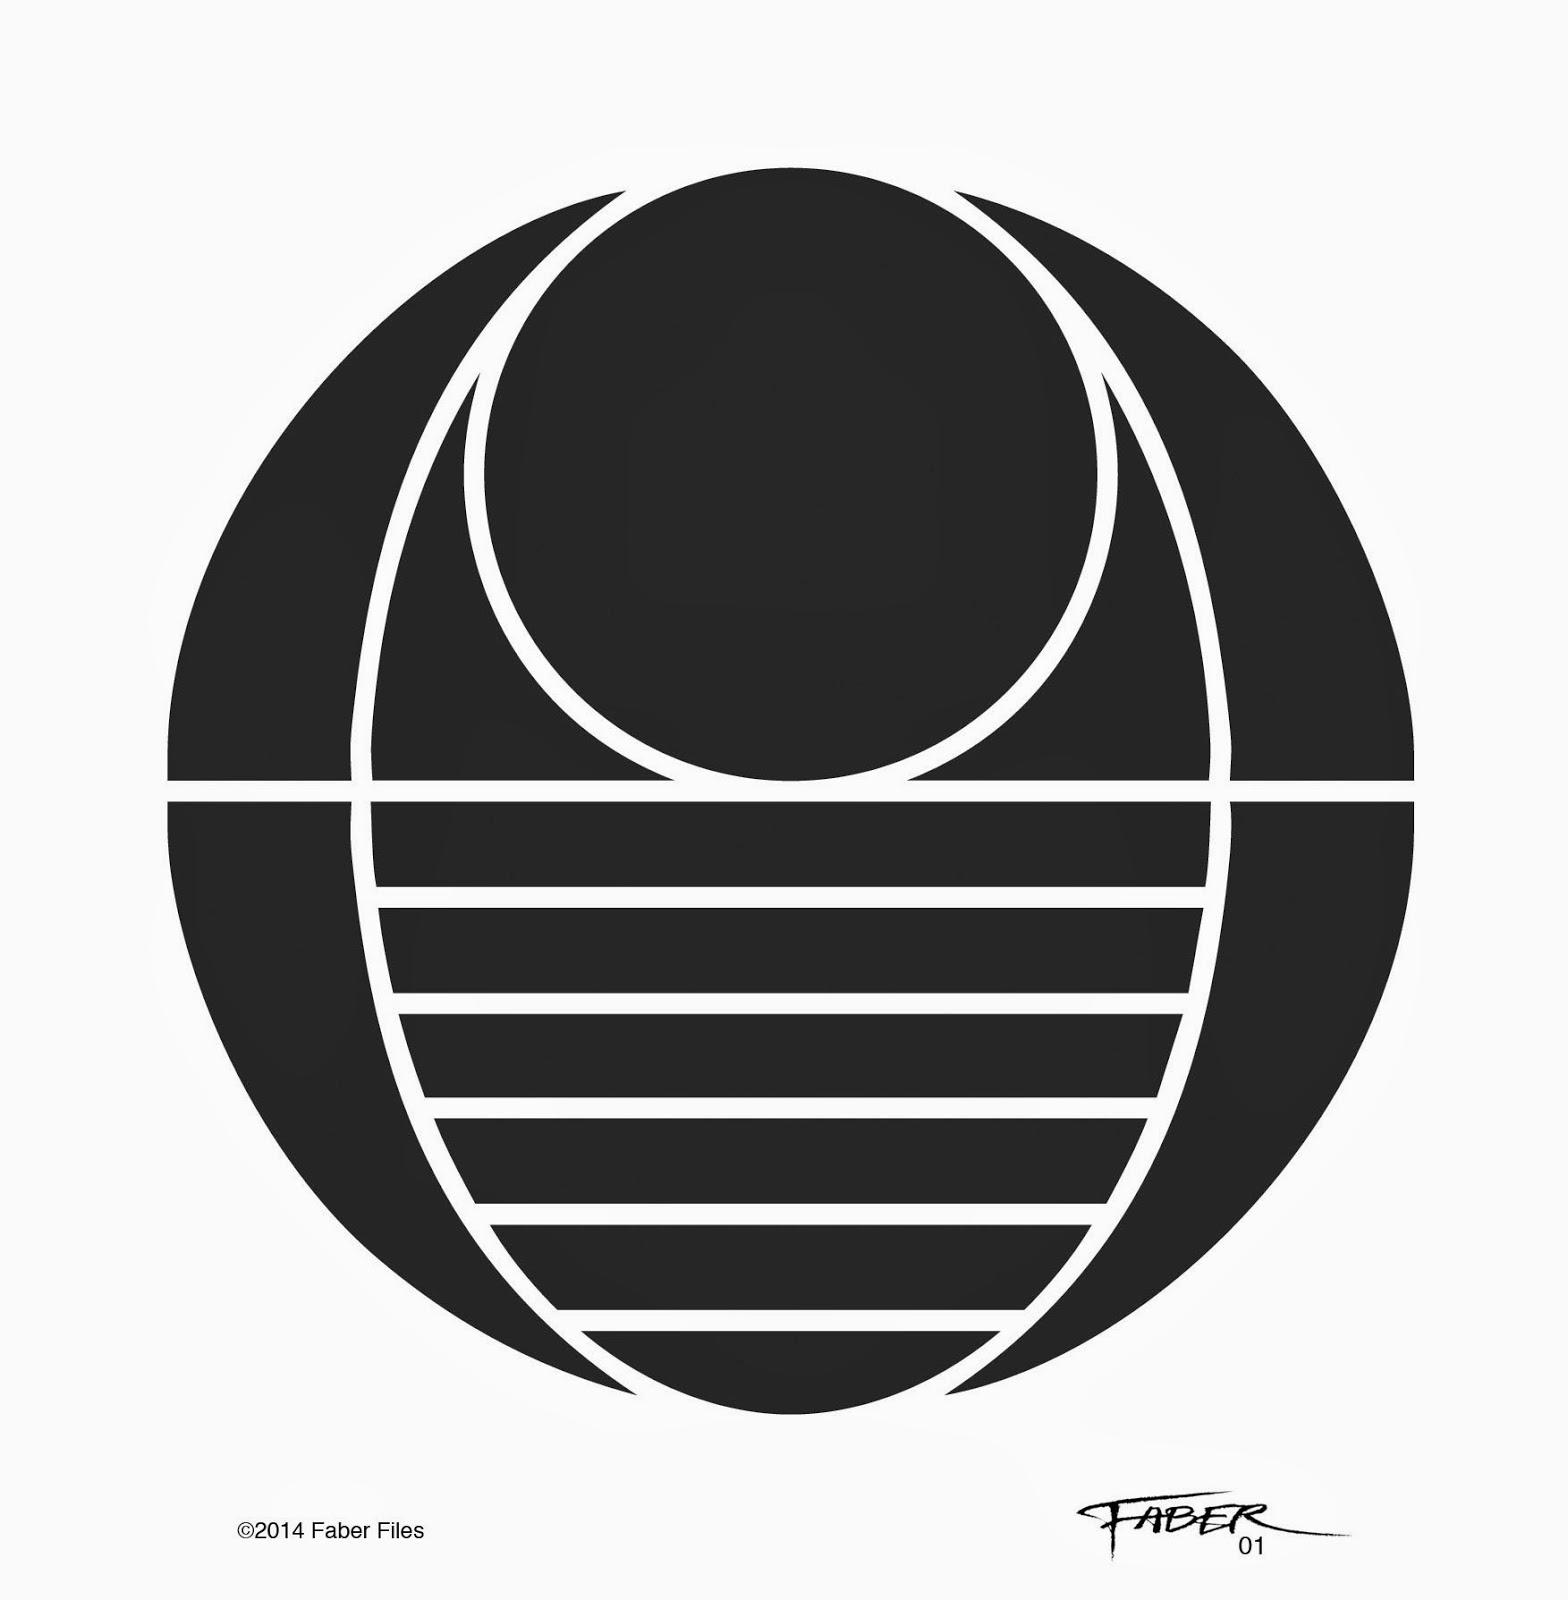 [Univers] Les Bohrok : de nouveaux secrets dévoilés ! Christian+Faber+Files_Bohrok+logo